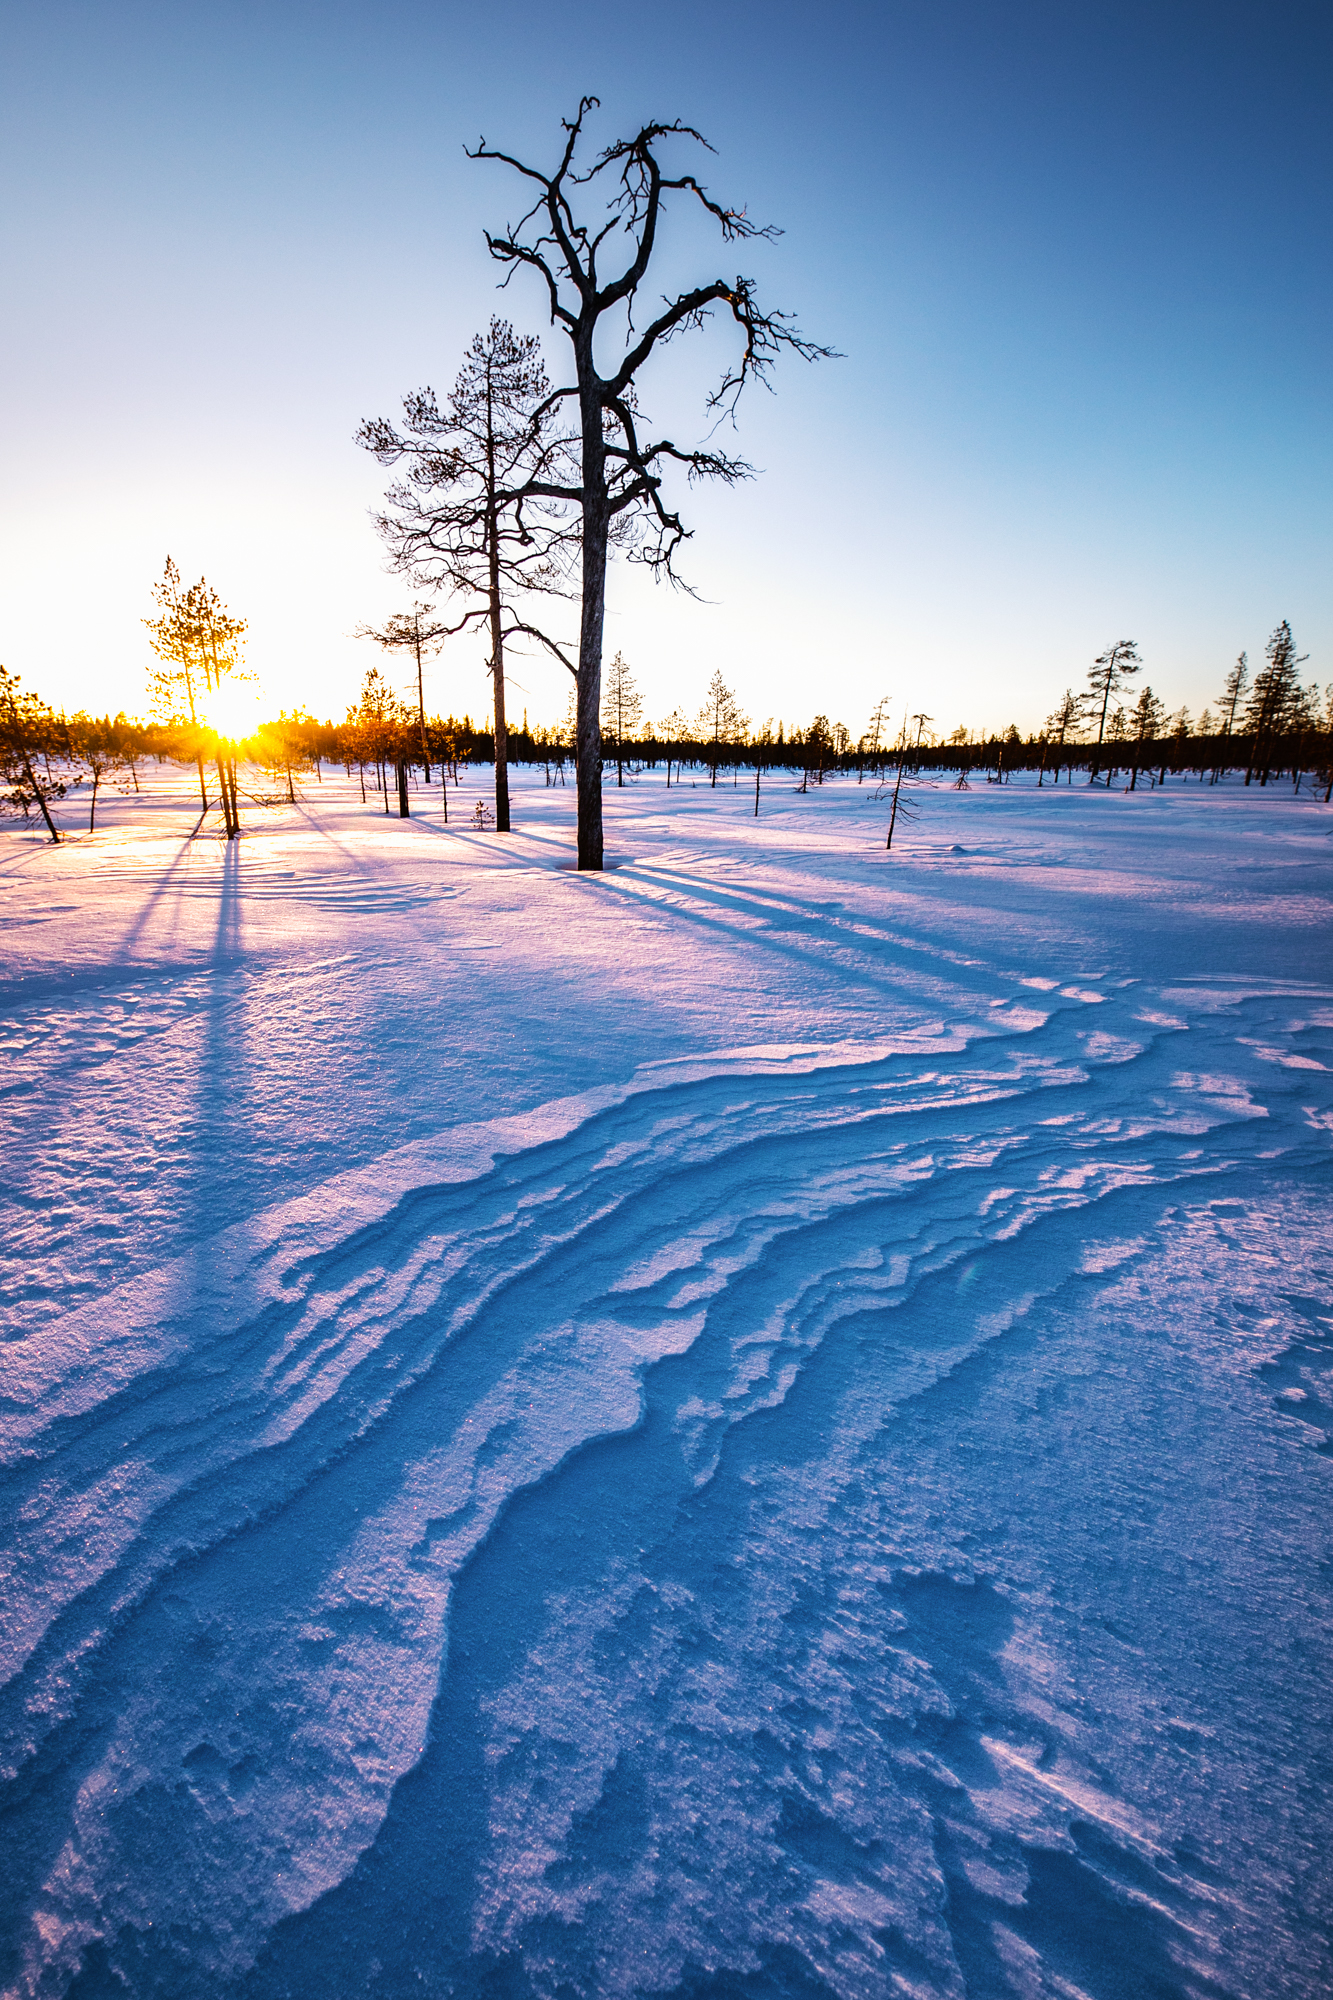 forest_lapland_winter_workshop.jpg